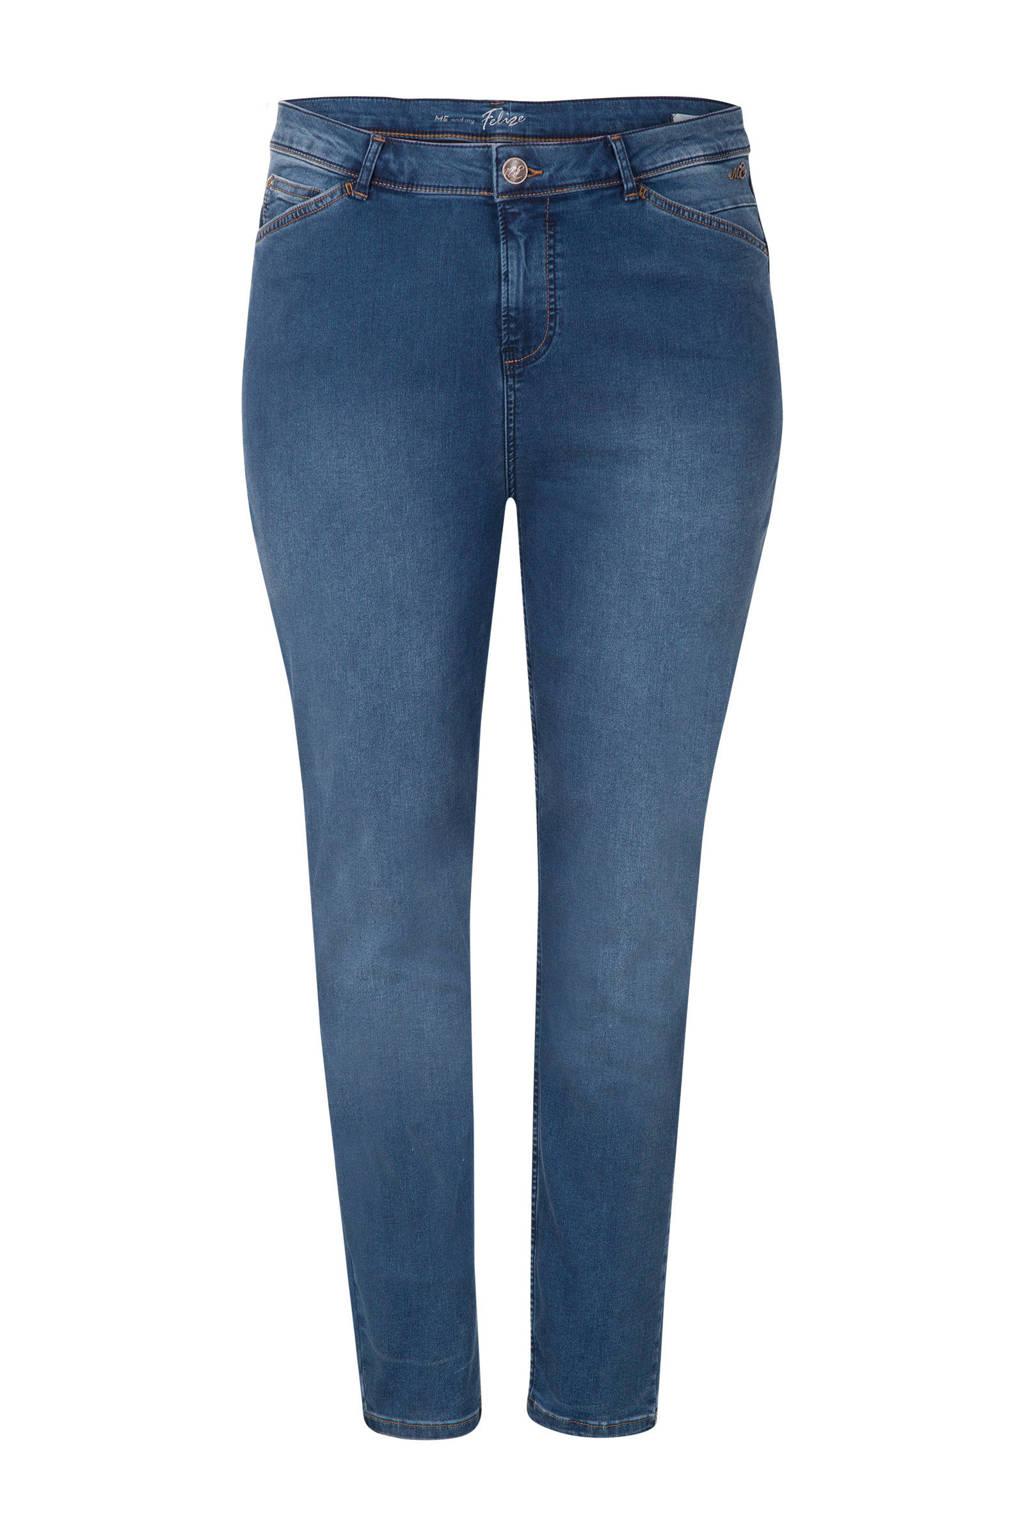 Miss Etam Plus skinny jeans 32 inch blauw, Blauw